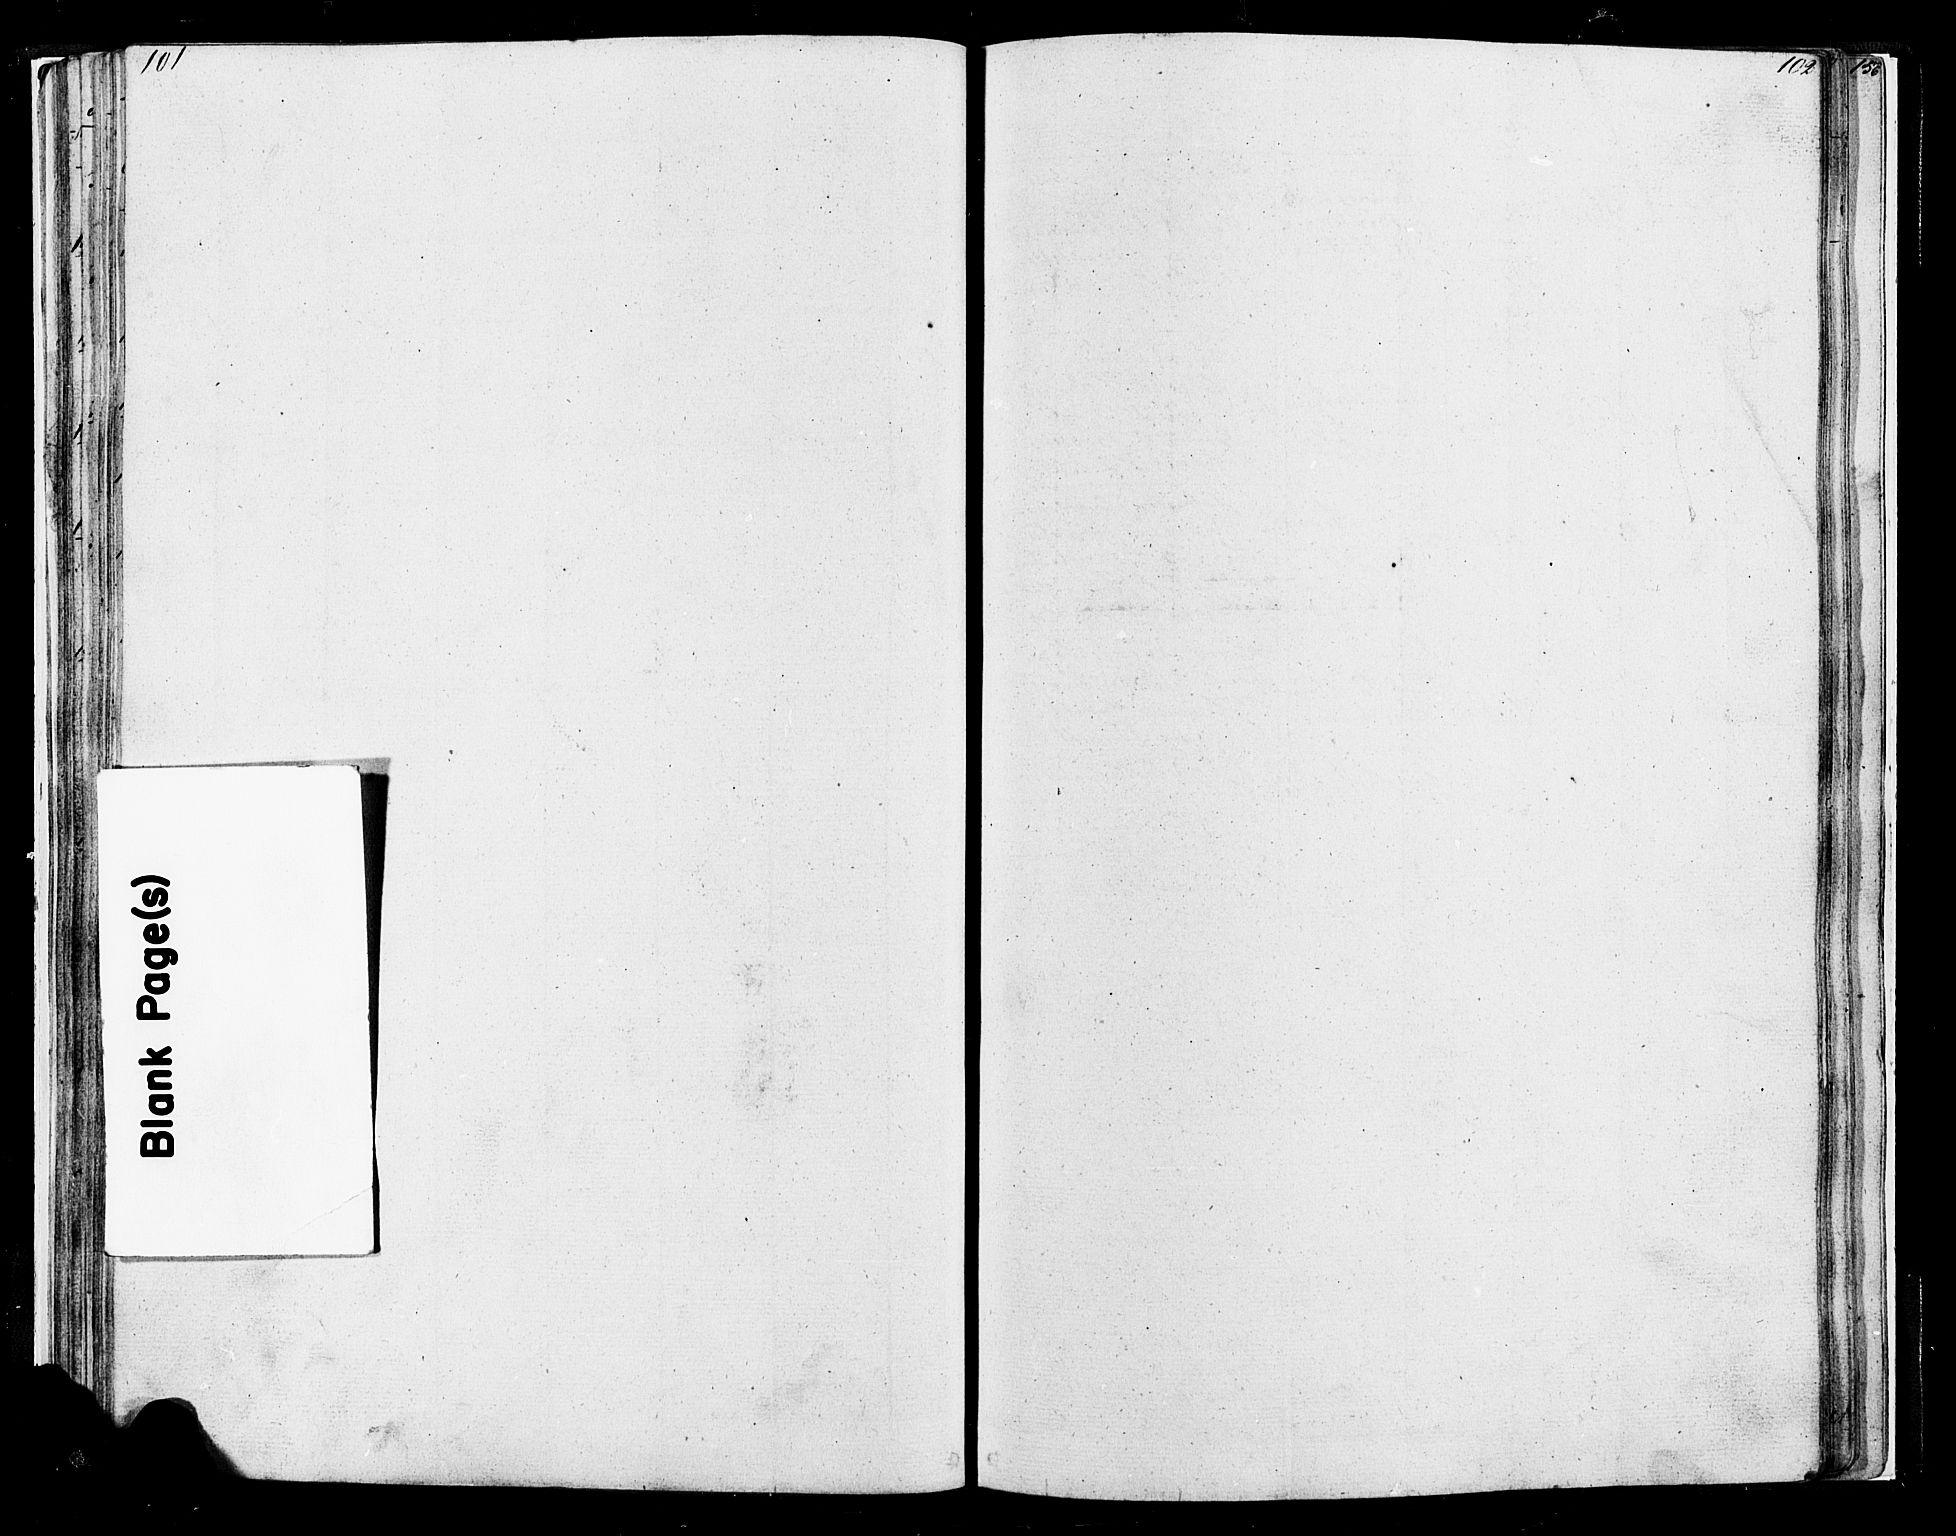 SAH, Lesja prestekontor, Parish register (copy) no. 4, 1842-1871, p. 101-102